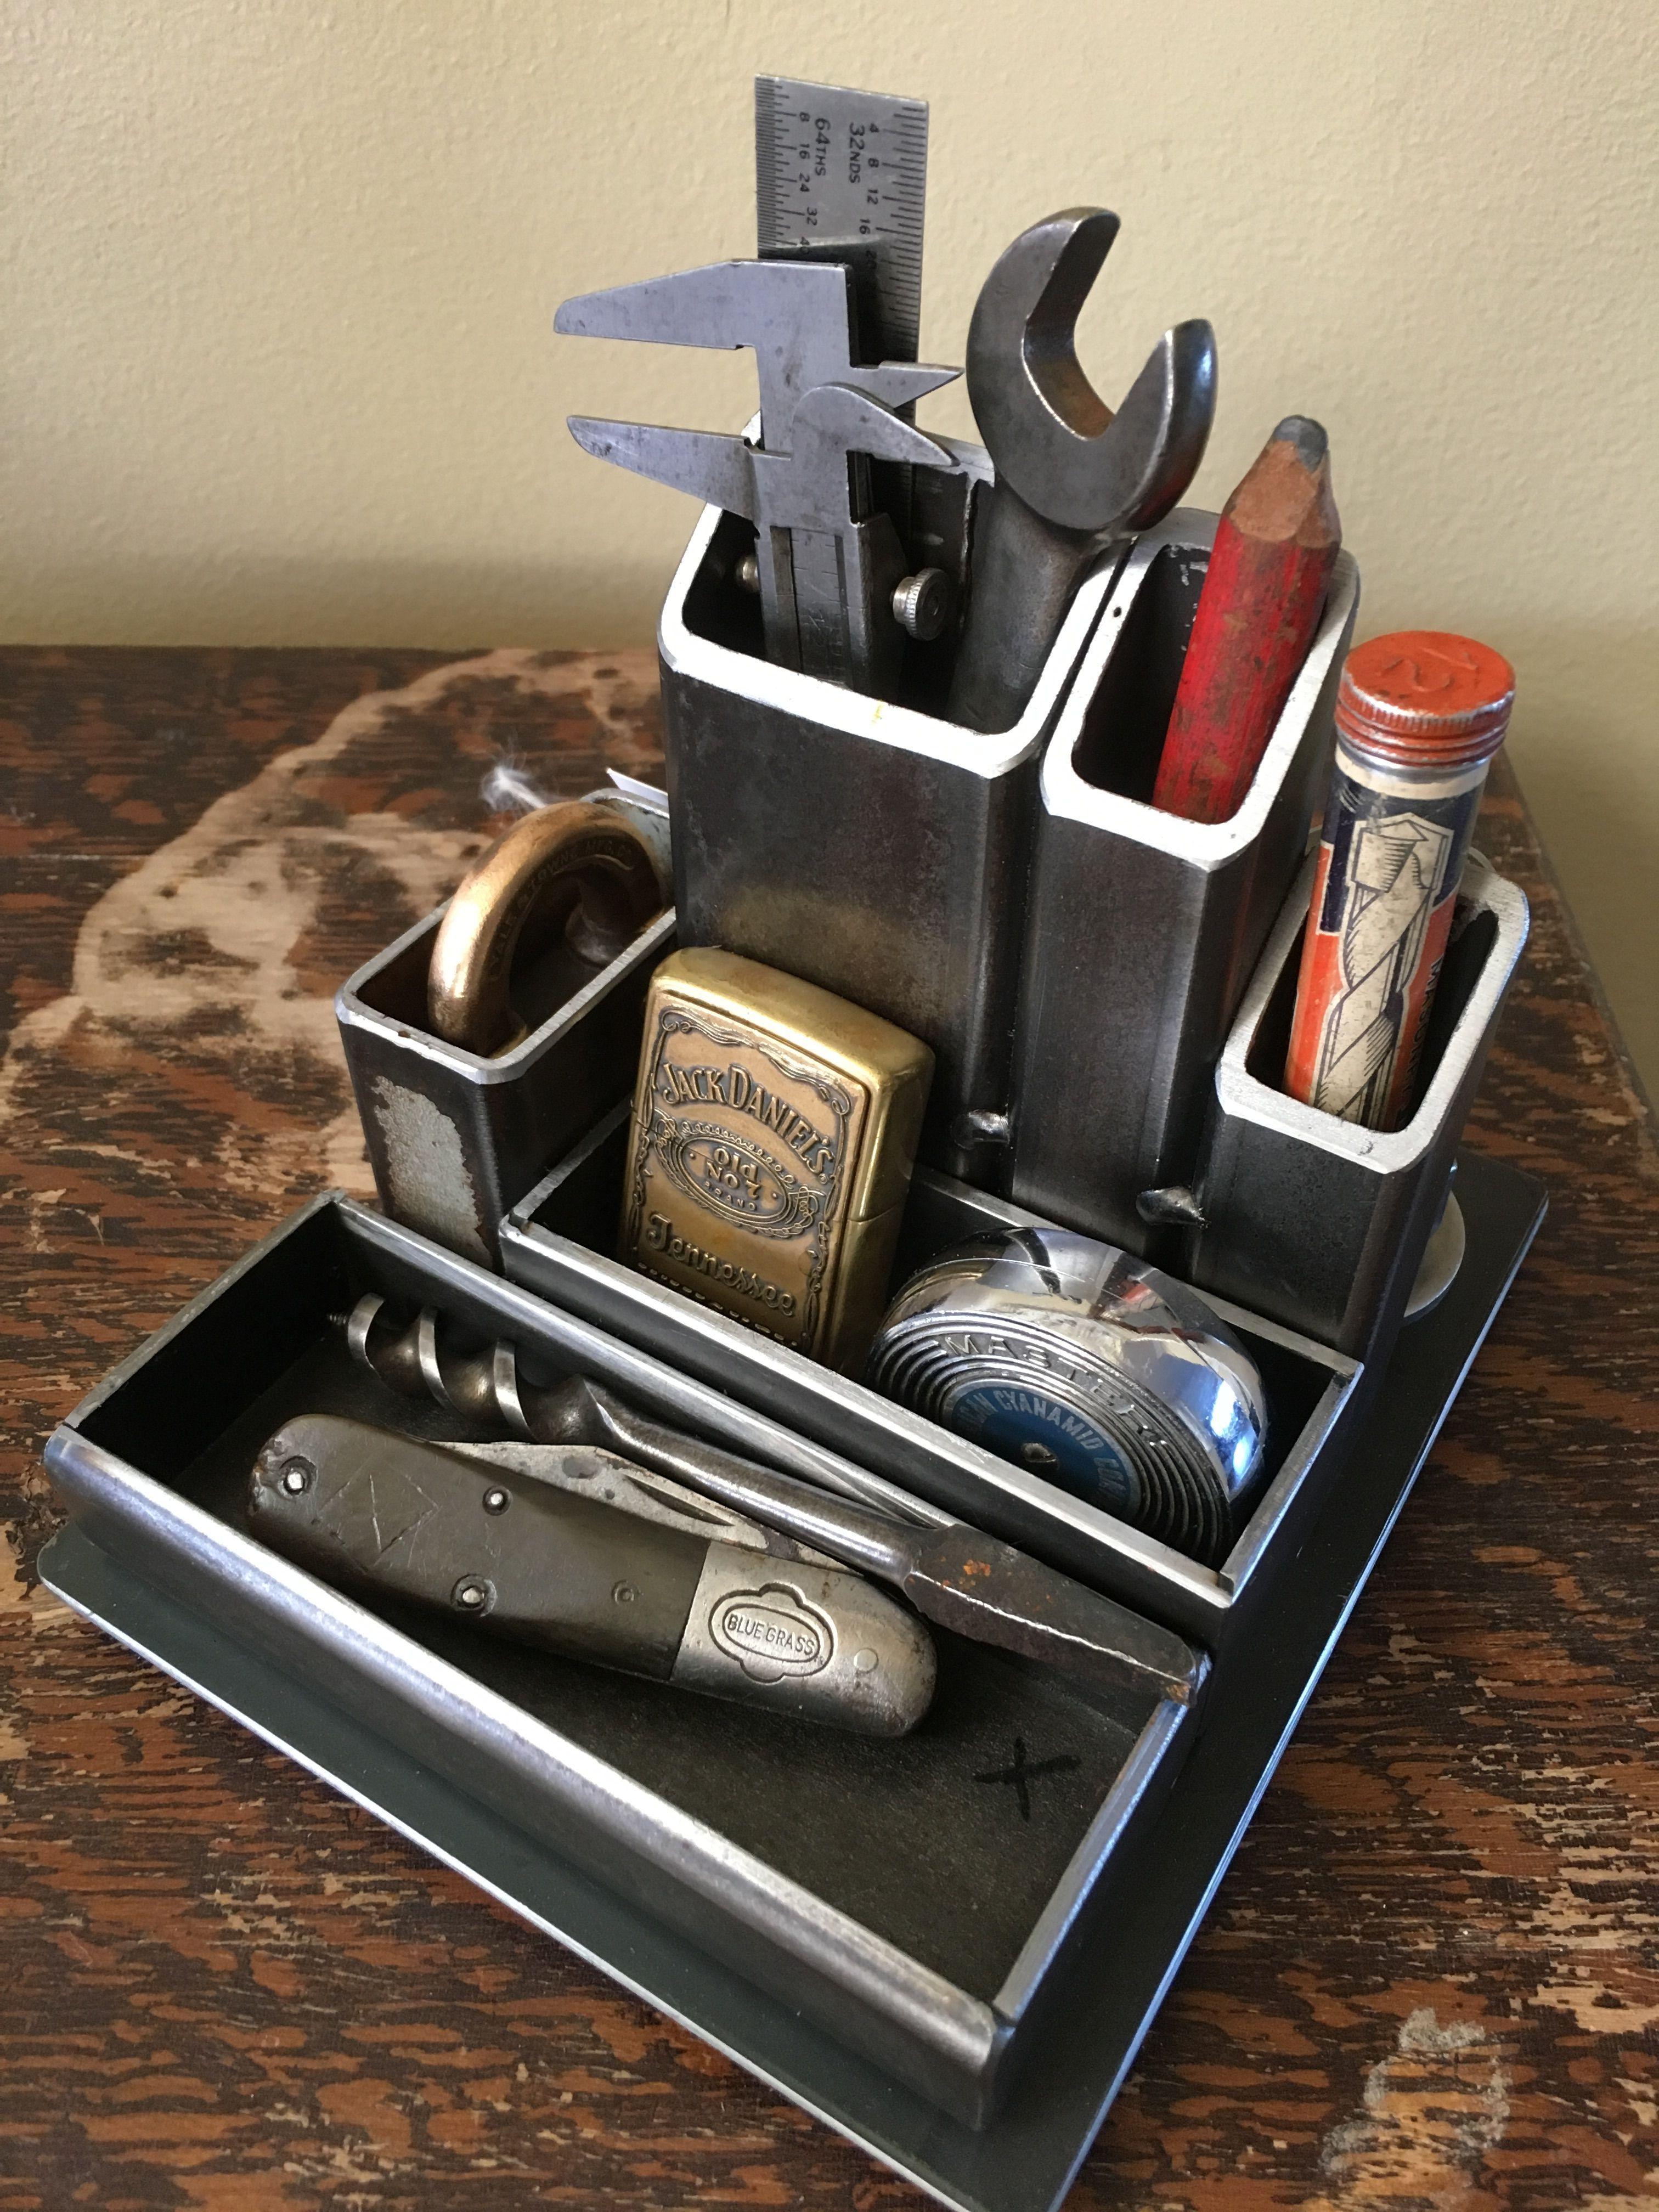 Desk Organizer With Vintage Tools Proyectos De Soldadura Proyectos De Metales Trabajo Con Metal